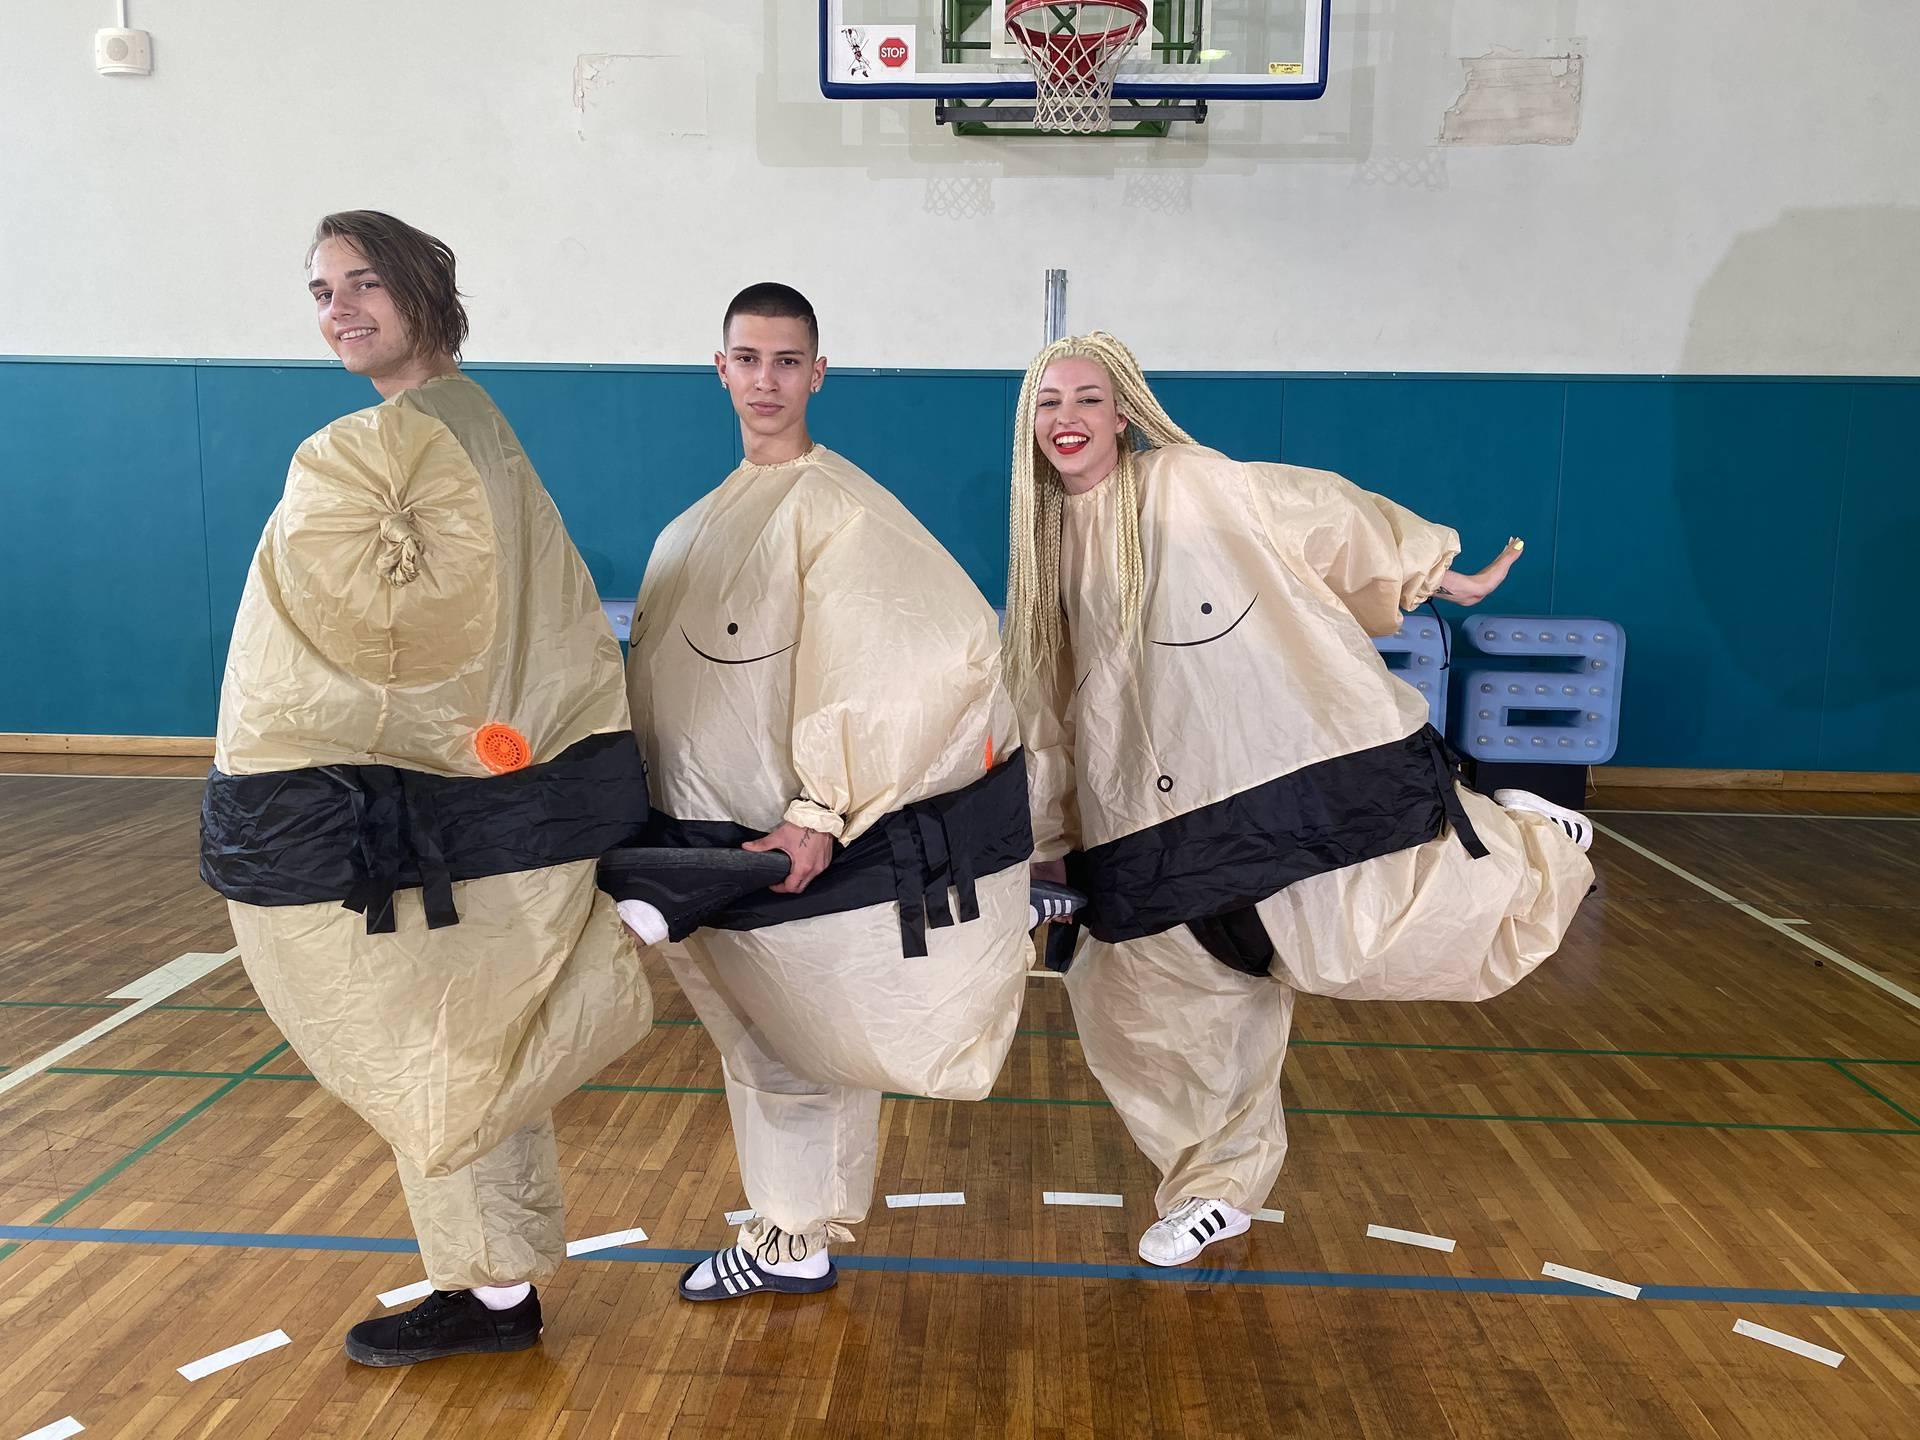 Još jedan 'nezgodan' zadatak: Slovenci su u showu plesali u ogromnim sumo odijelima...